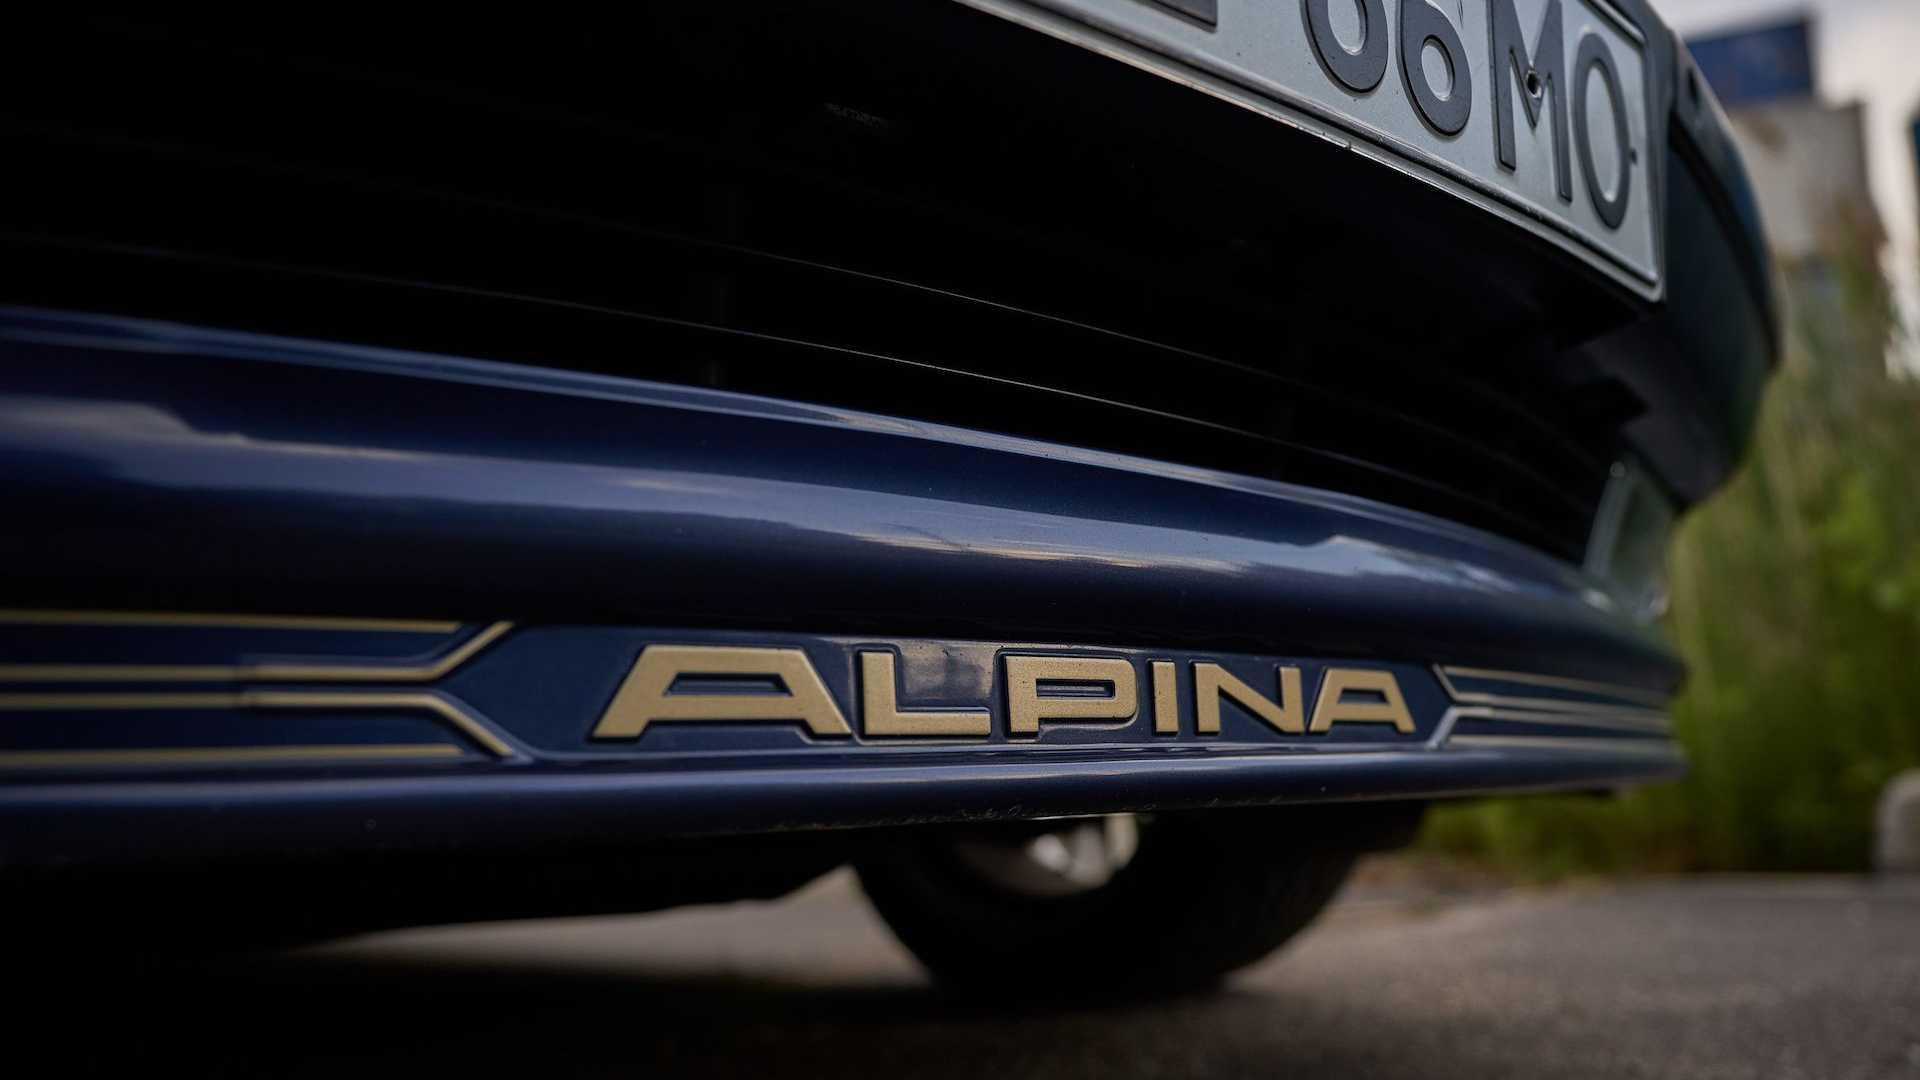 rare-1998-alpina-b12-5.7-for-sale-7